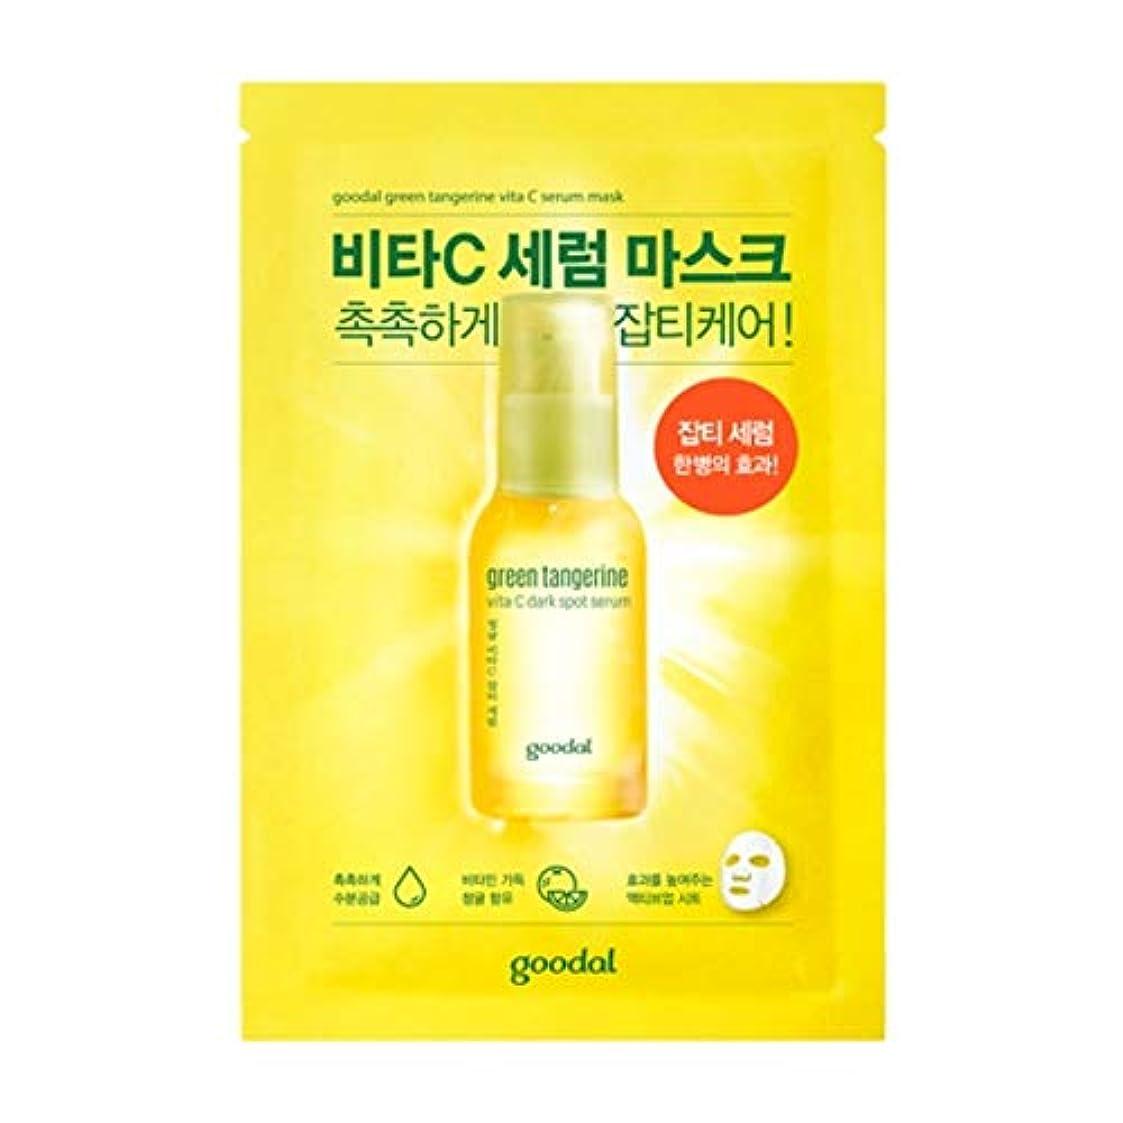 信念不良乱暴なGoodal Green Tangerine Vita C Dark Spot Serum Sheet mask チョンギュル、ビタC汚れセラムシートマスク (1 Sheet (1シート)) [並行輸入品]